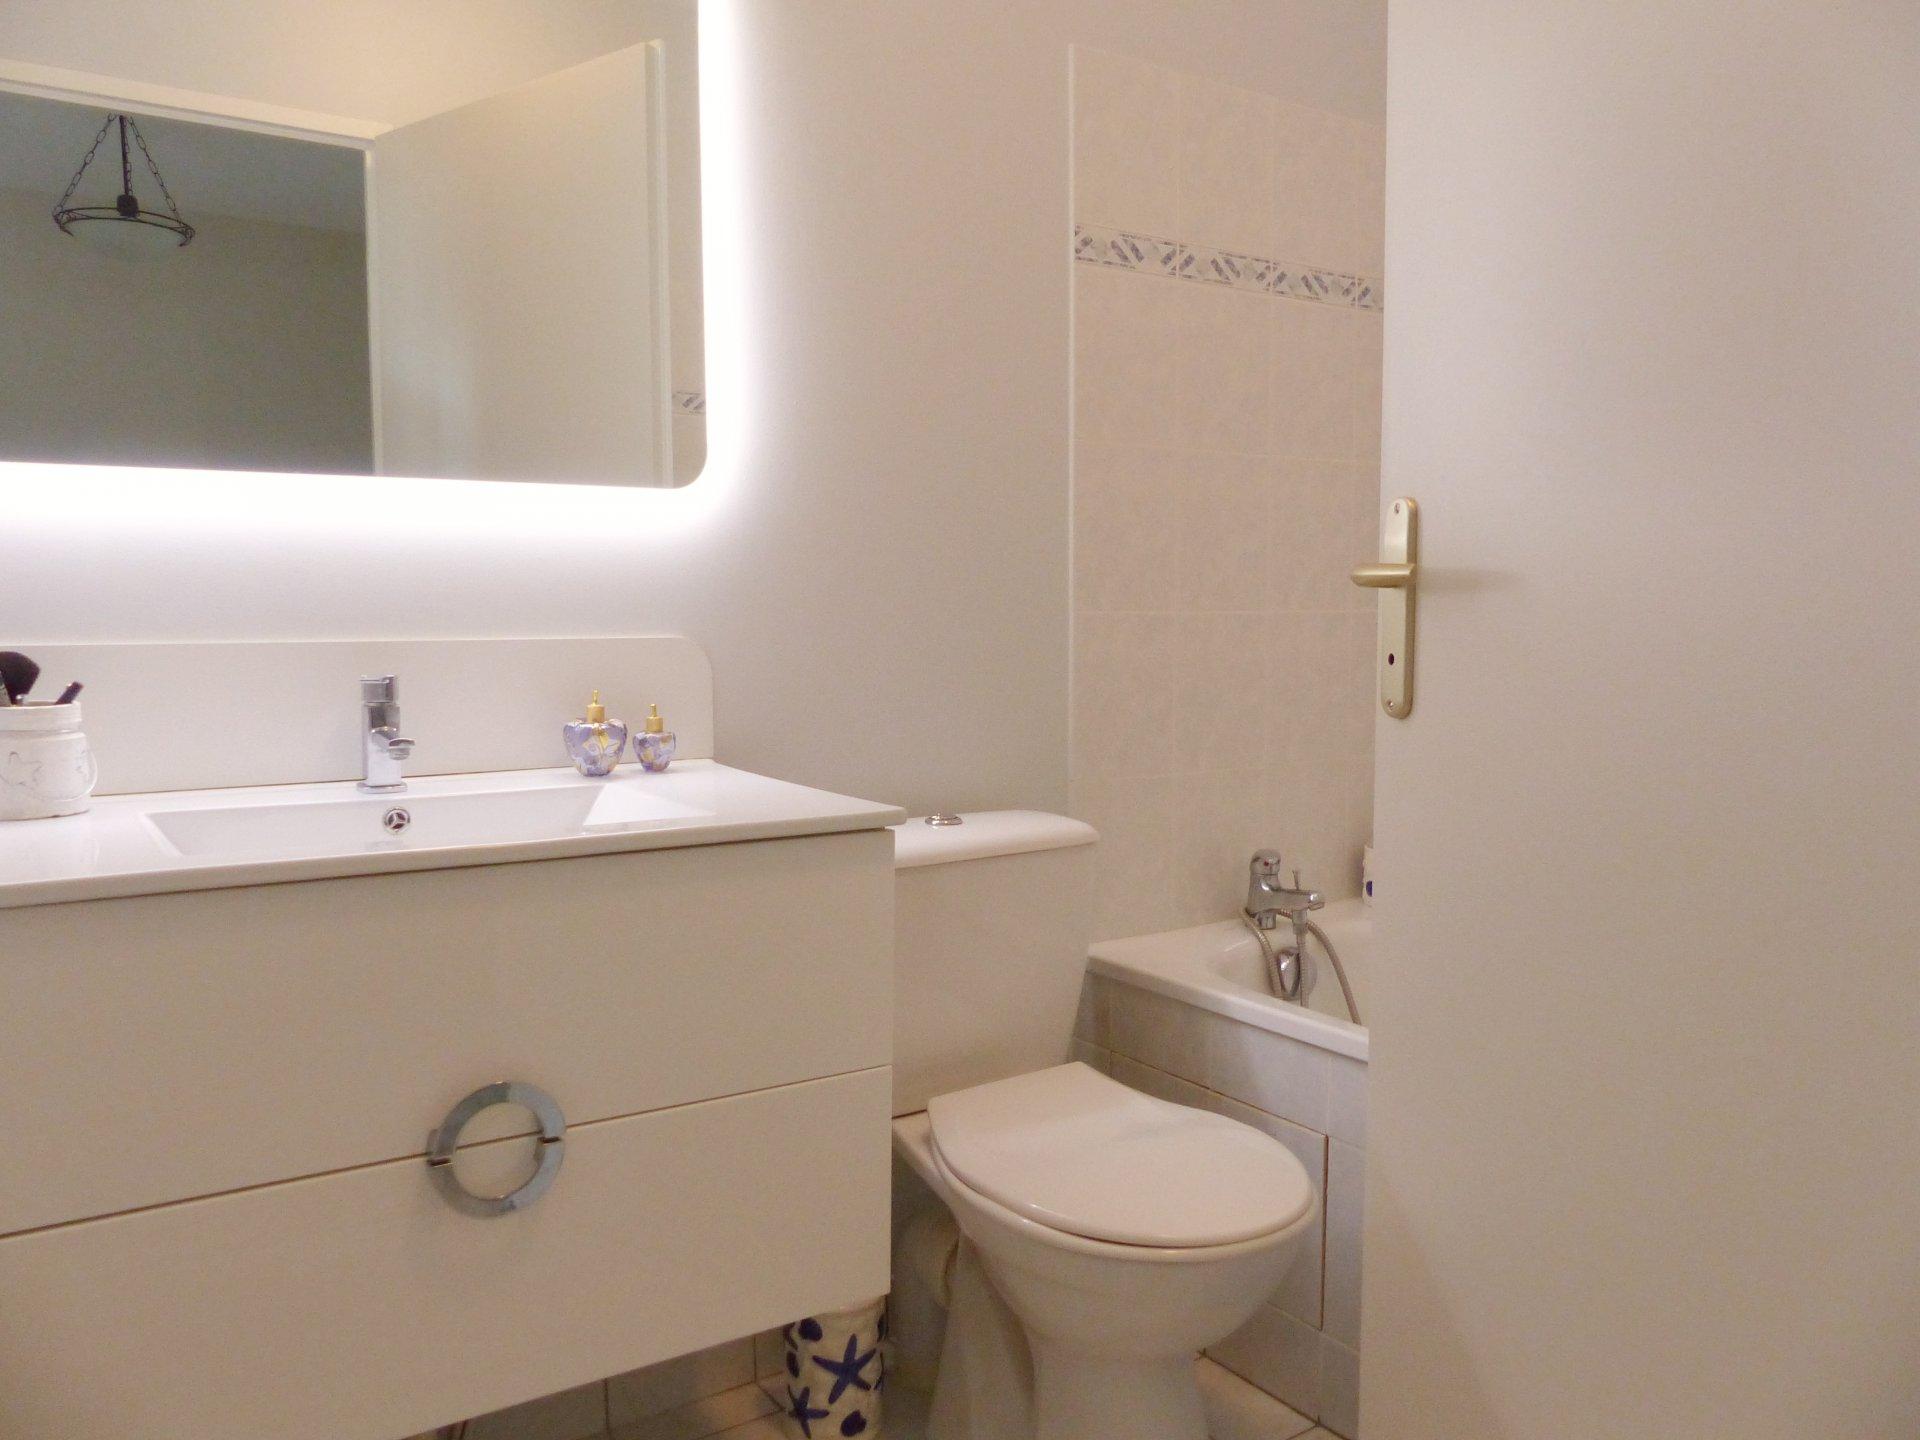 SOUS COMPROMIS DE VENTE -  Situé au calme tout en étant à 5 mn à pied du centre de Charnay, appartement dans un état irréprochable qui vous séduira notamment par sa belle terrasse et son petit jardin exposés sud.  Il se compose d'une belle entrée avec wc et point d'eau, d'un séjour et d'une cuisine équipée donnant sur l'extérieur.  A l'étage, il offre 3 chambres dont une suite parentale avec sa salle de douche et son dressing, une salle de bains et de nombreux rangements.  Vendu avec garage et cave.  Bien soumis au régime de la copropriété (25 lots). Charges courantes mensuelles de 84 euros. Honoraires à la charge du vendeur.